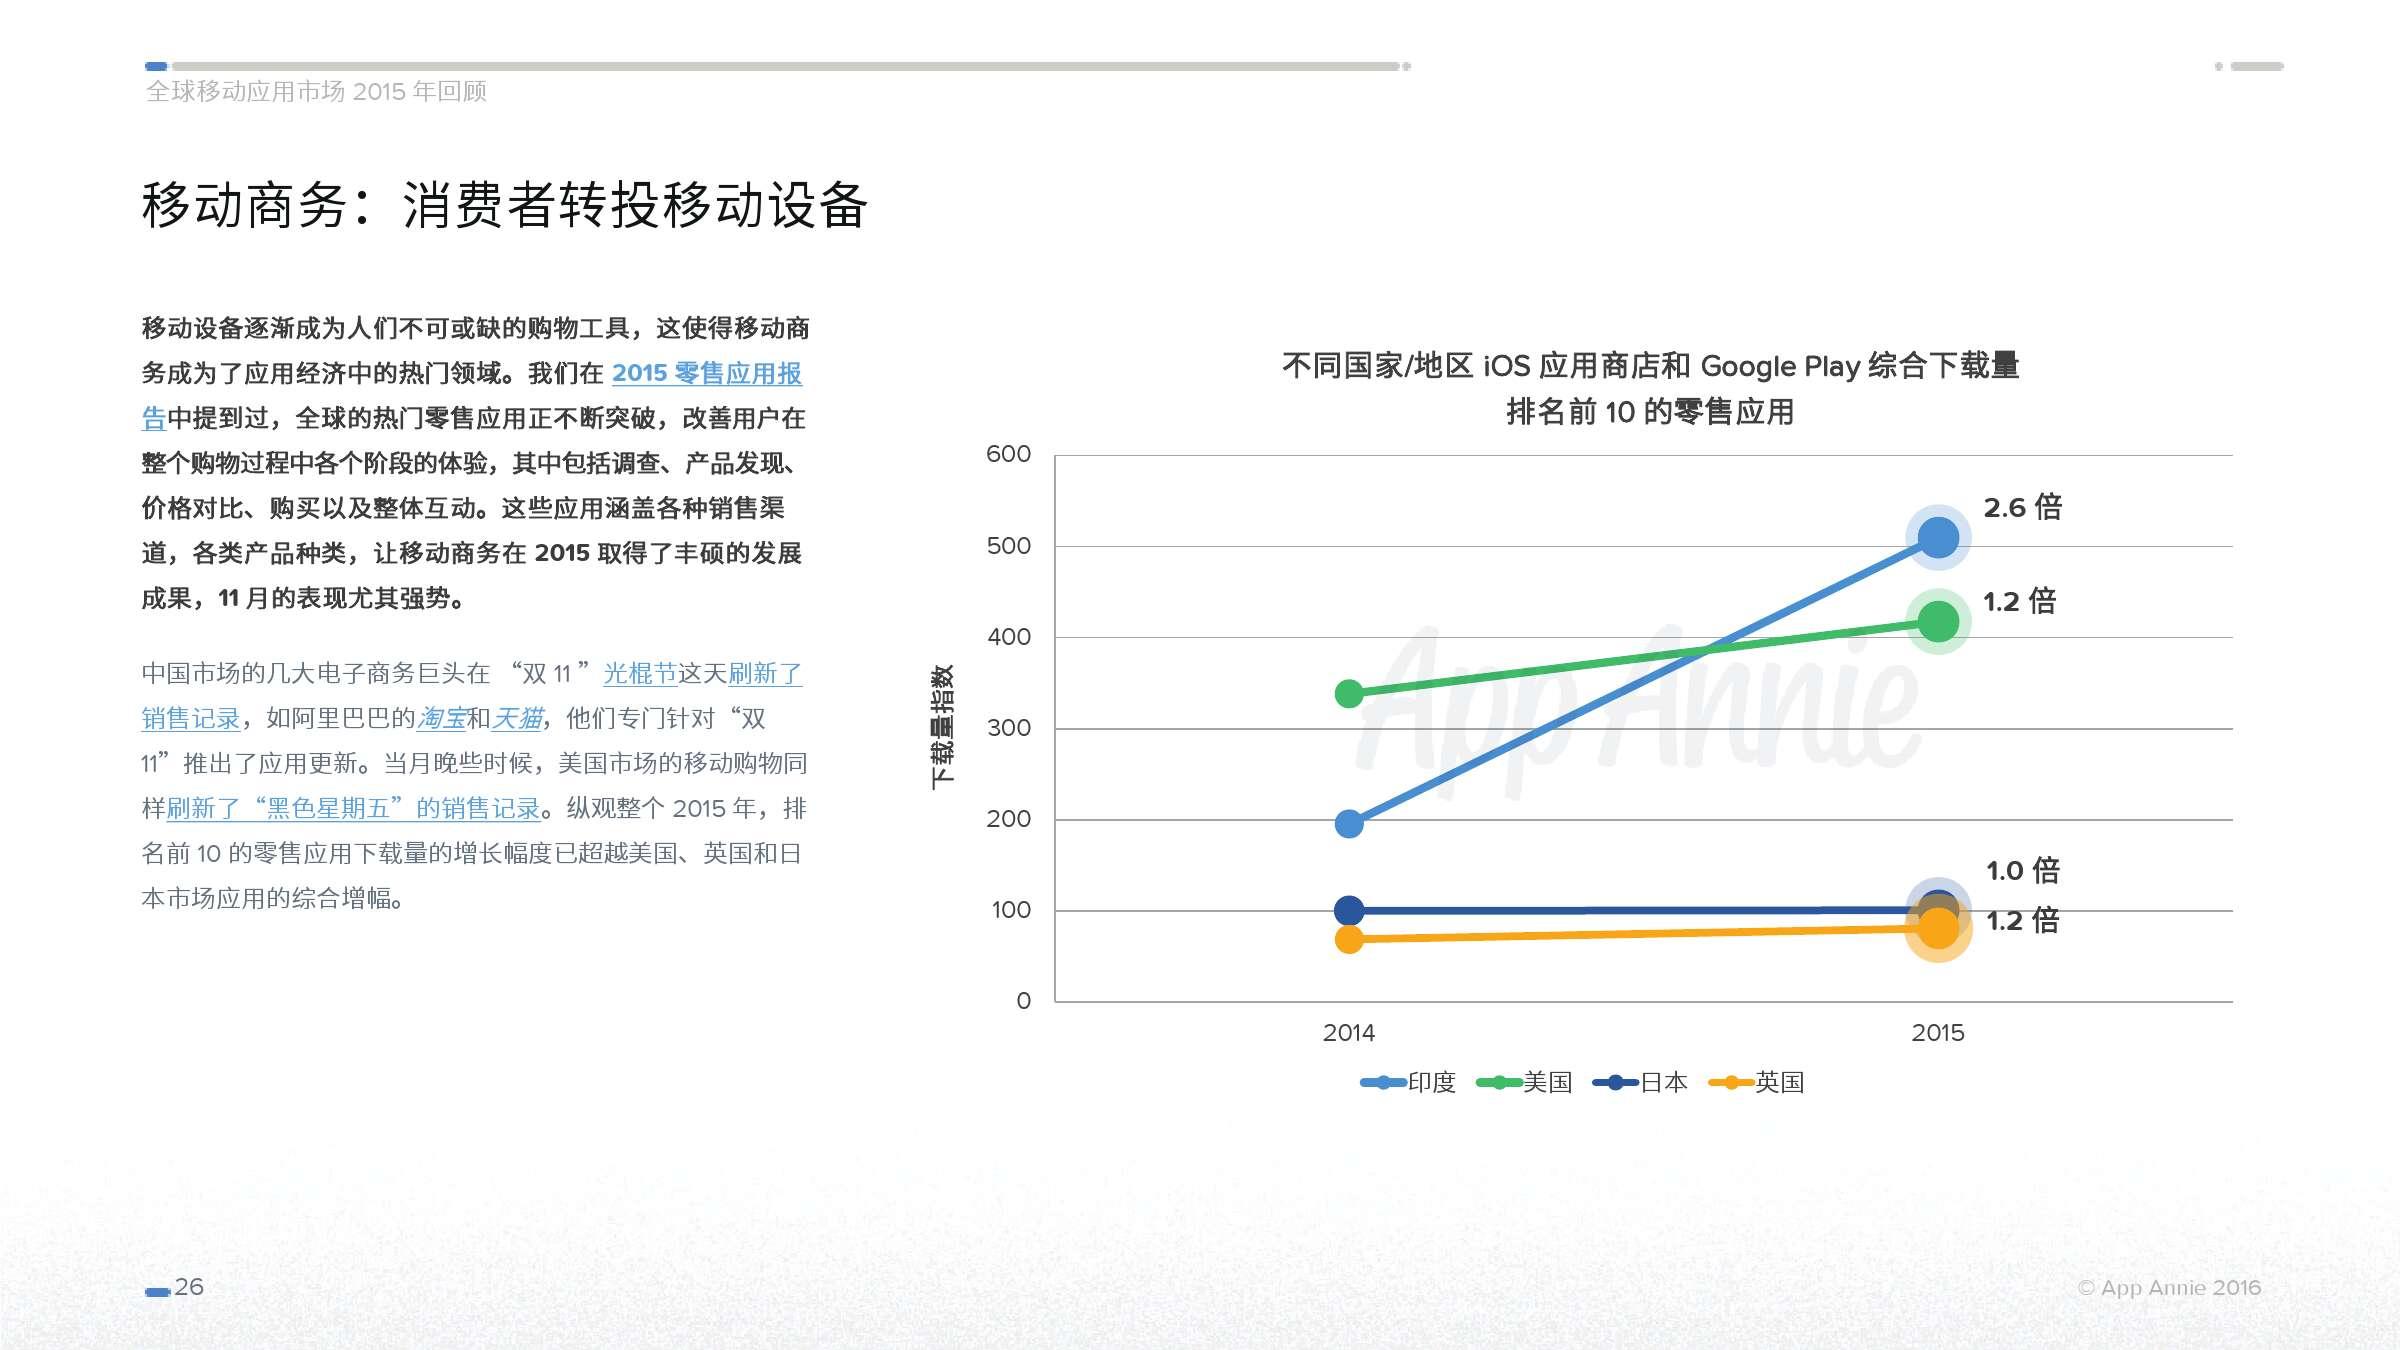 App Annie 全球移动应用市场 2015 年回顾_000026